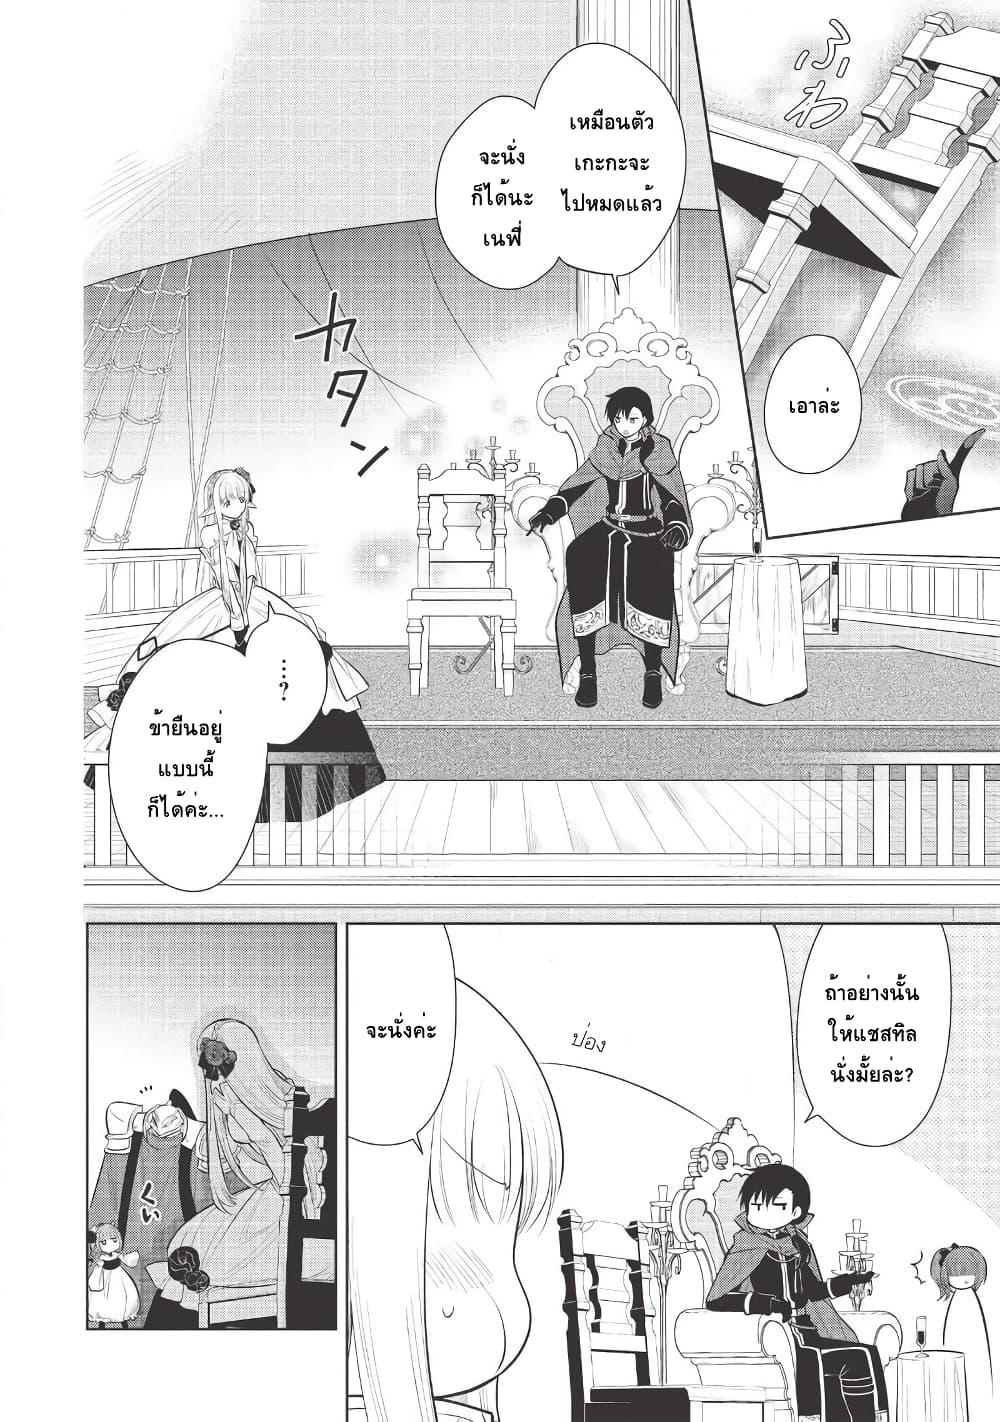 อ่านการ์ตูน Maou no Ore ga Dorei Elf wo Yome ni Shitanda ga Dou Medereba Ii ตอนที่ 29 หน้าที่ 2